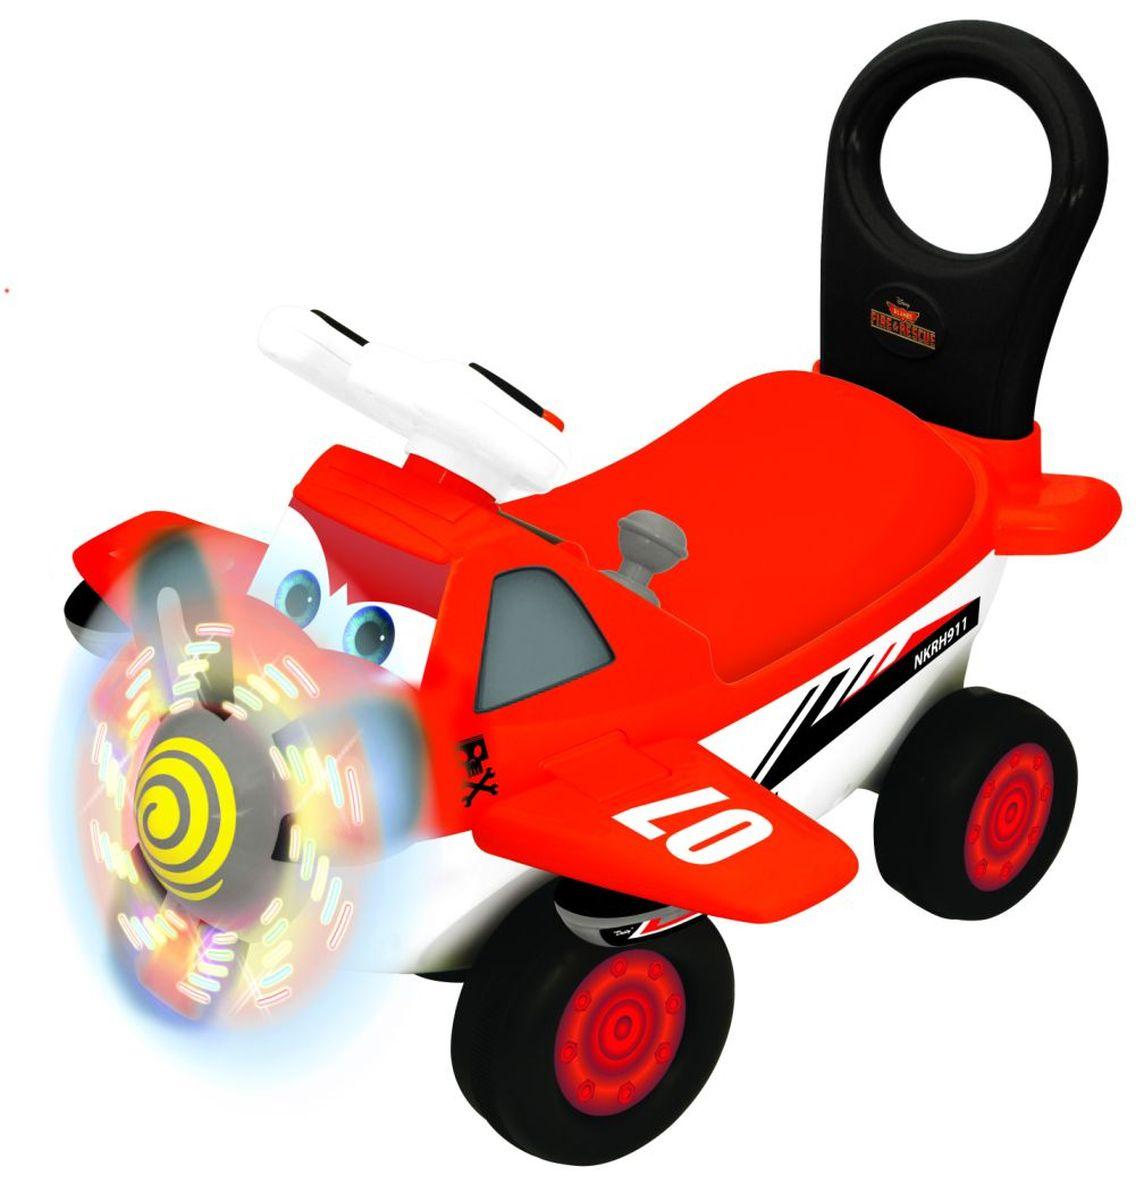 Kiddieland Каталка-пушкар Самолет ДастиKID 052134Каталка - пушкар Дасти - Дасти главный герой мультфильма Самолеты (Planes), это пропеллерный самолетик,у которого огромное сердце, но страх высоты еще больше.И чтобы побороть свой страх, он участвует в самых опасных авиа-гонках, которые когда - либо проводились.С помощью друзей Дасти достигает таких высот, о которых он раньше, и мечтать не мог и заставляет мир замереть от восхищения. Дасти был сконструирован, чтобы орошать поля, но этот скромный самолет всегда мечтал о большем, а точнее — о высшем! Его совершенно не смущает, что он не предназначен для гоночных полетов, и даже врожденная боязнь высоты не может остановить его на пути к мечте… С помощью своих друзей и при поддержке заслуженного ветерана воздушных сражений Второй Мировой, который согласился, хоть и не без уговоров, поделиться своим ценным опытом, этот амбициозный самолетик решается на самое крутое приключение своей жизни. Сойдясь пропеллер к пропеллеру с профессионалами гоночных полетов, Дасти достигает немыслимых...